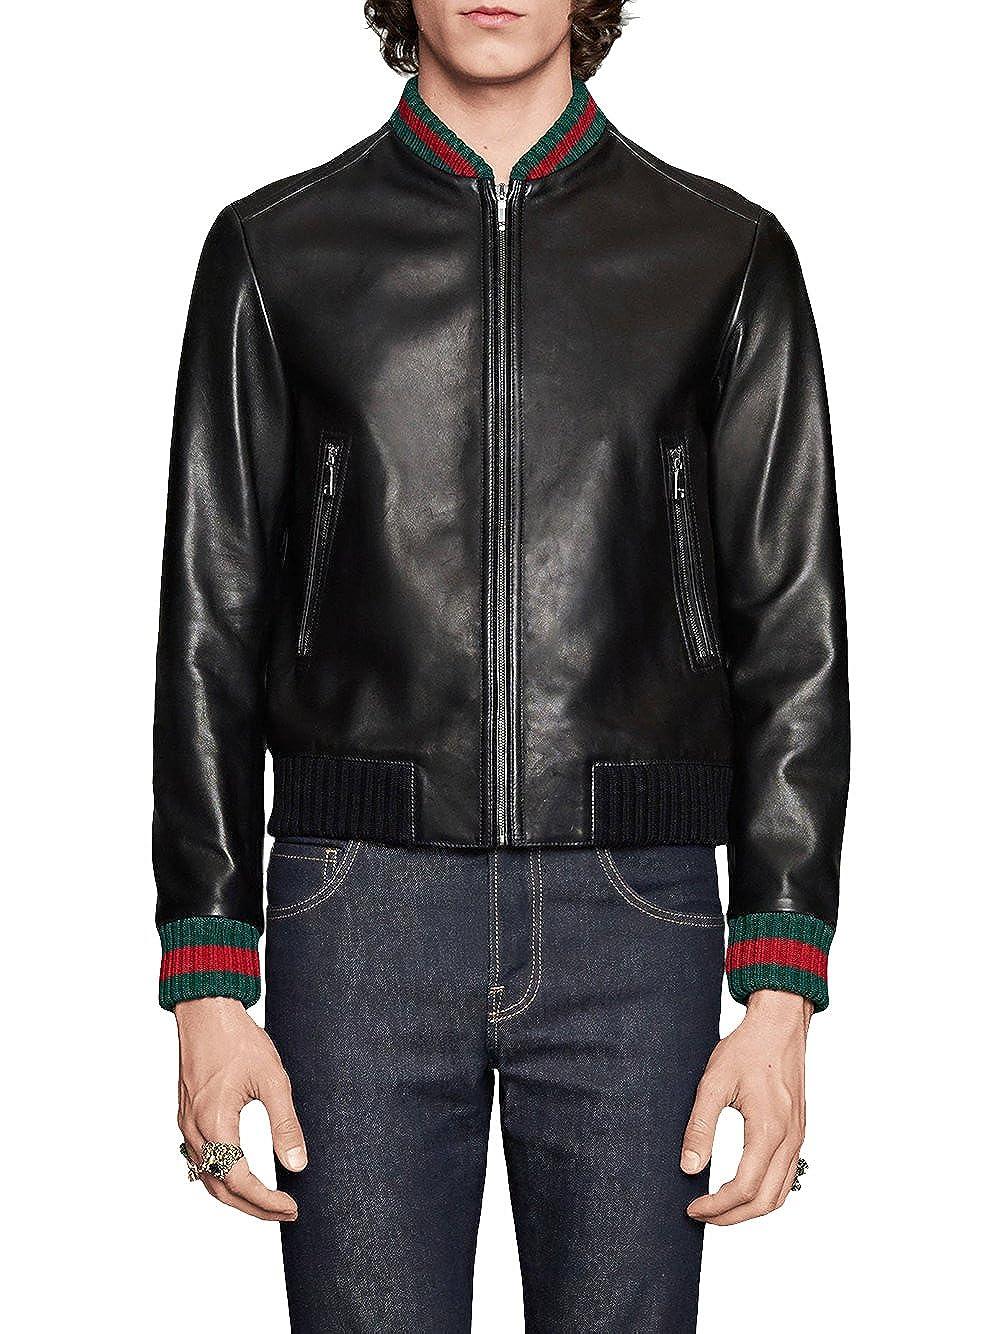 Gucci - Chaqueta - para Hombre Negro 48: Amazon.es: Ropa y ...